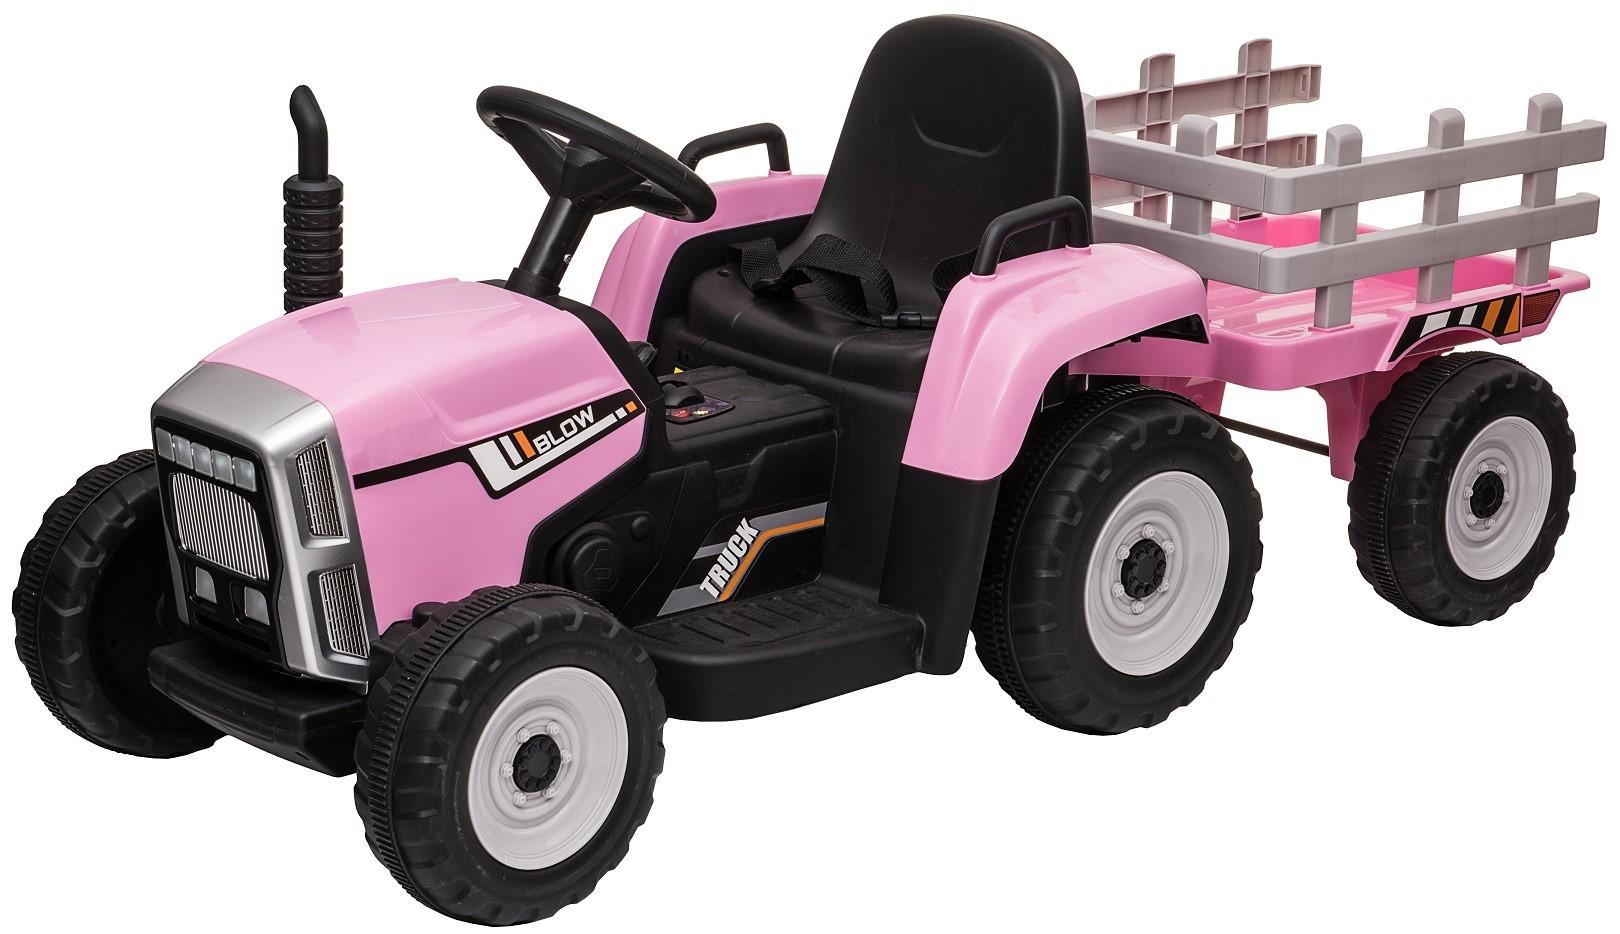 Tractor electric cu remorca Premier Farm, 12V, roti cauciuc EVA, roz